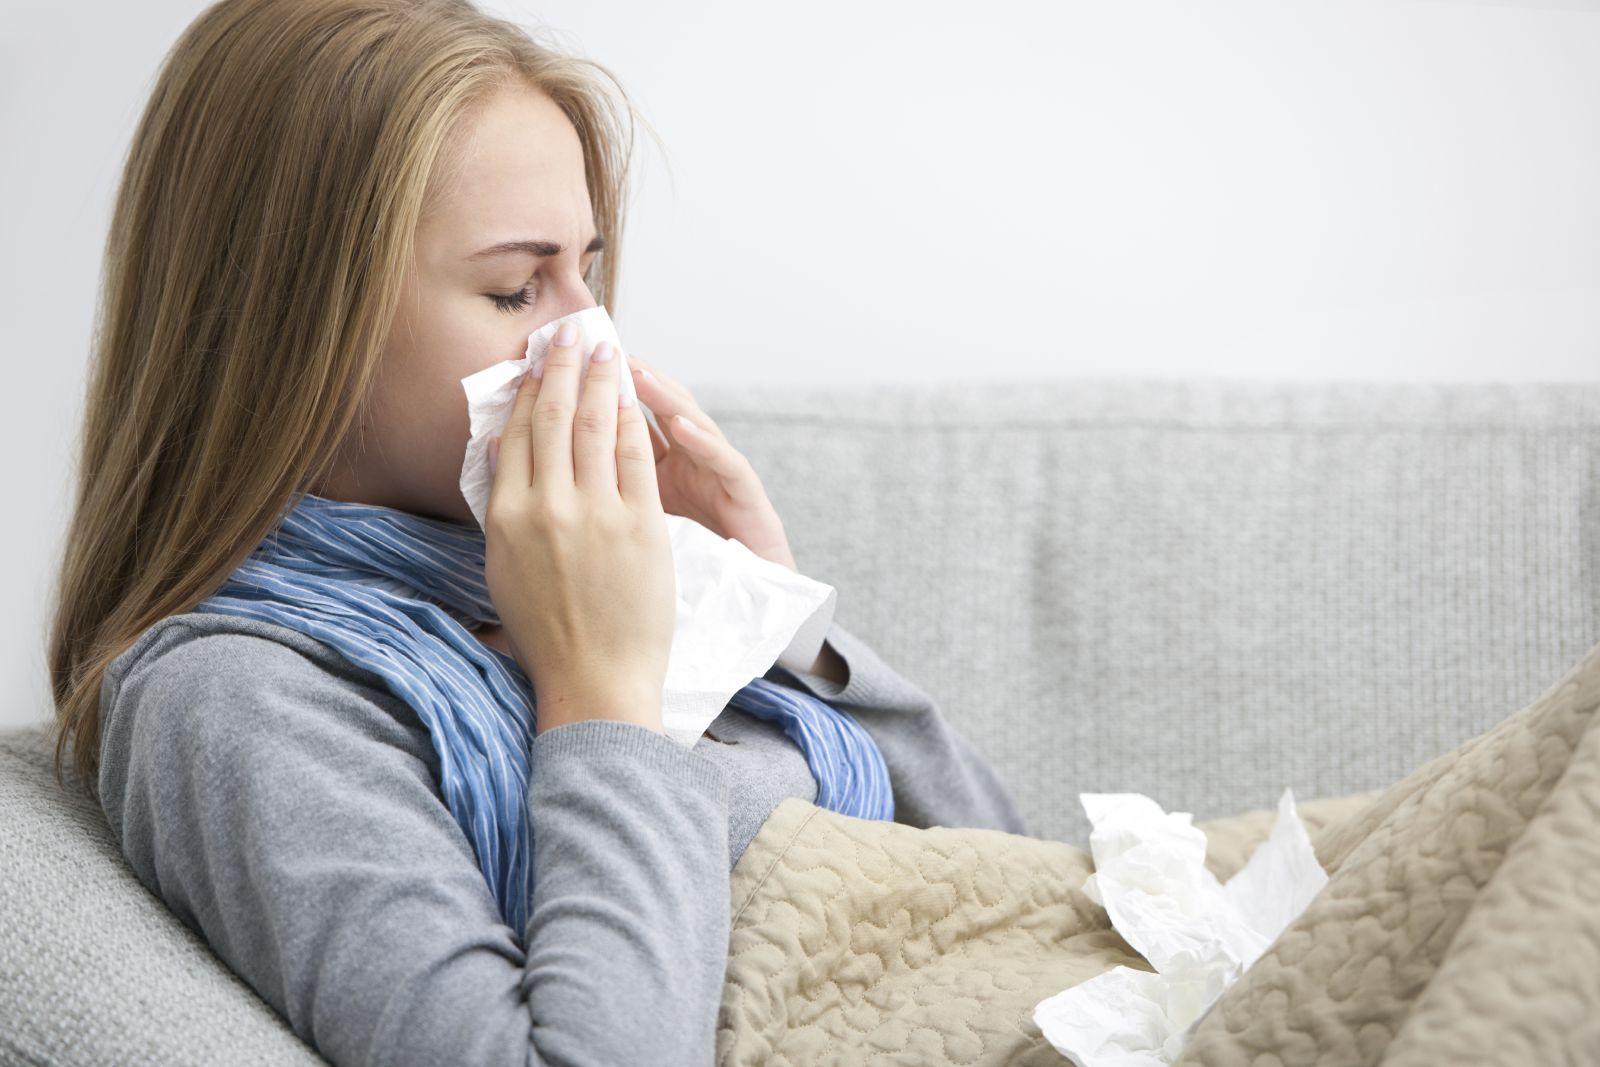 Doenças de inverno e imunidade baixa podem ser porta de entrada para a Covid-19